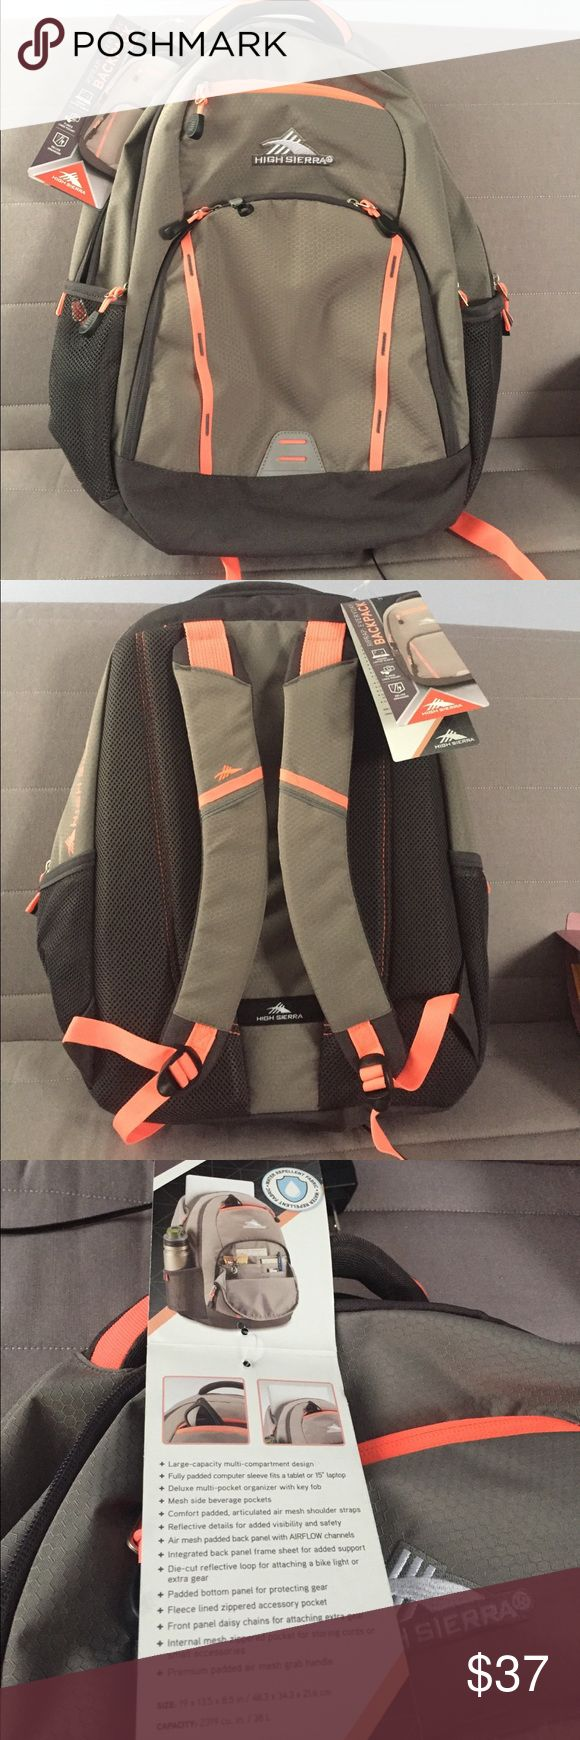 Backpack High Sierra laptop backpack. Bags Backpacks